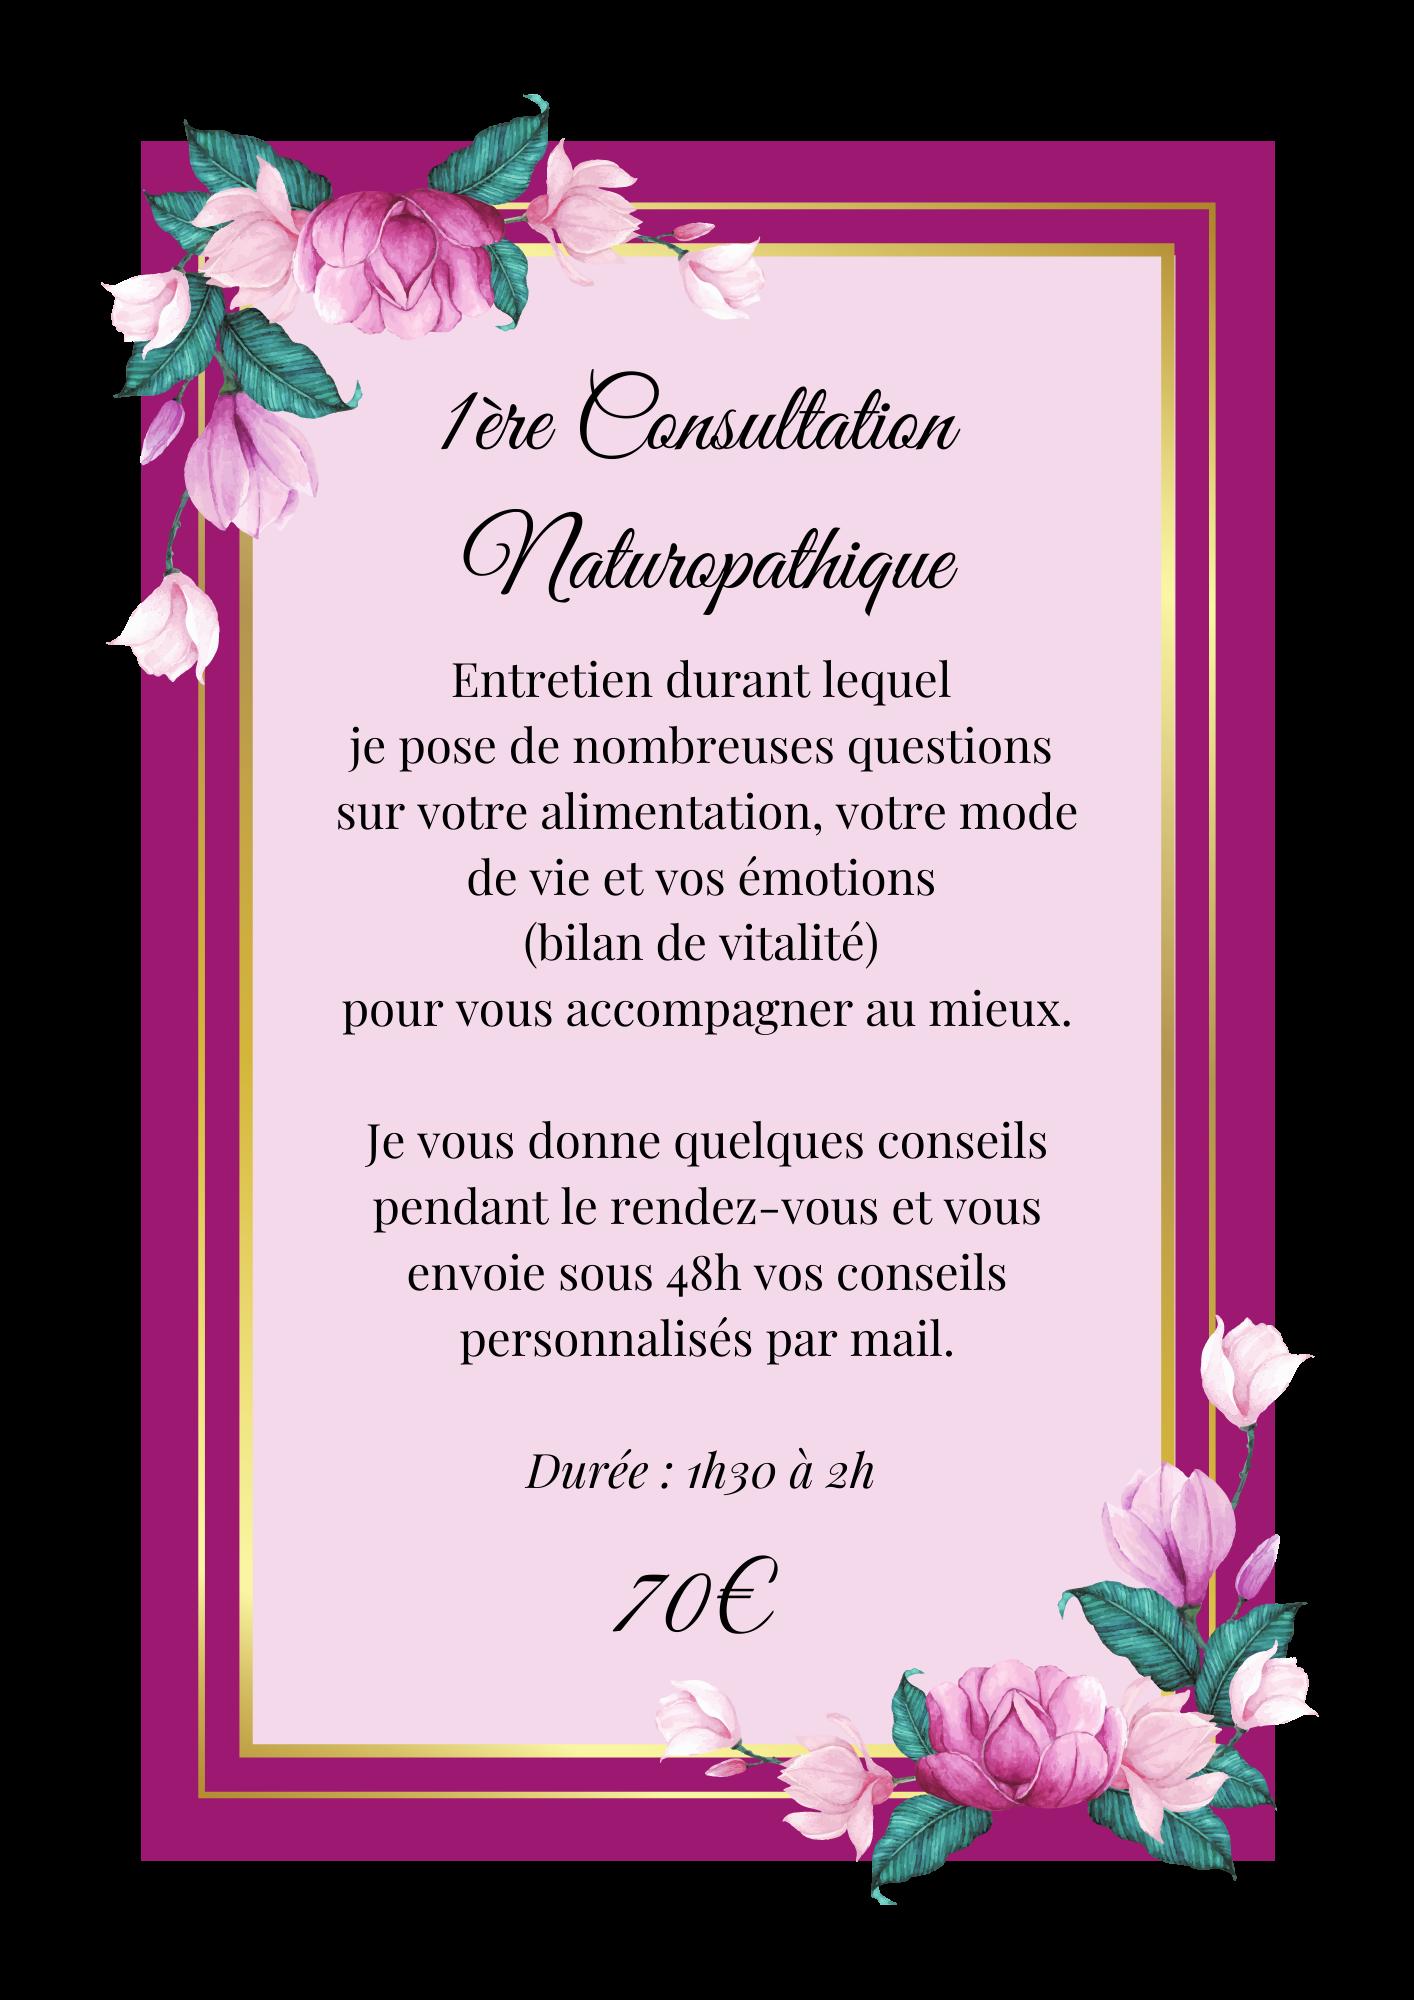 Audrey boureau naturopathe laval mayenne craon chateau-gontier renazé La Selle Craonnaise 53 symptothermie santé naturelle